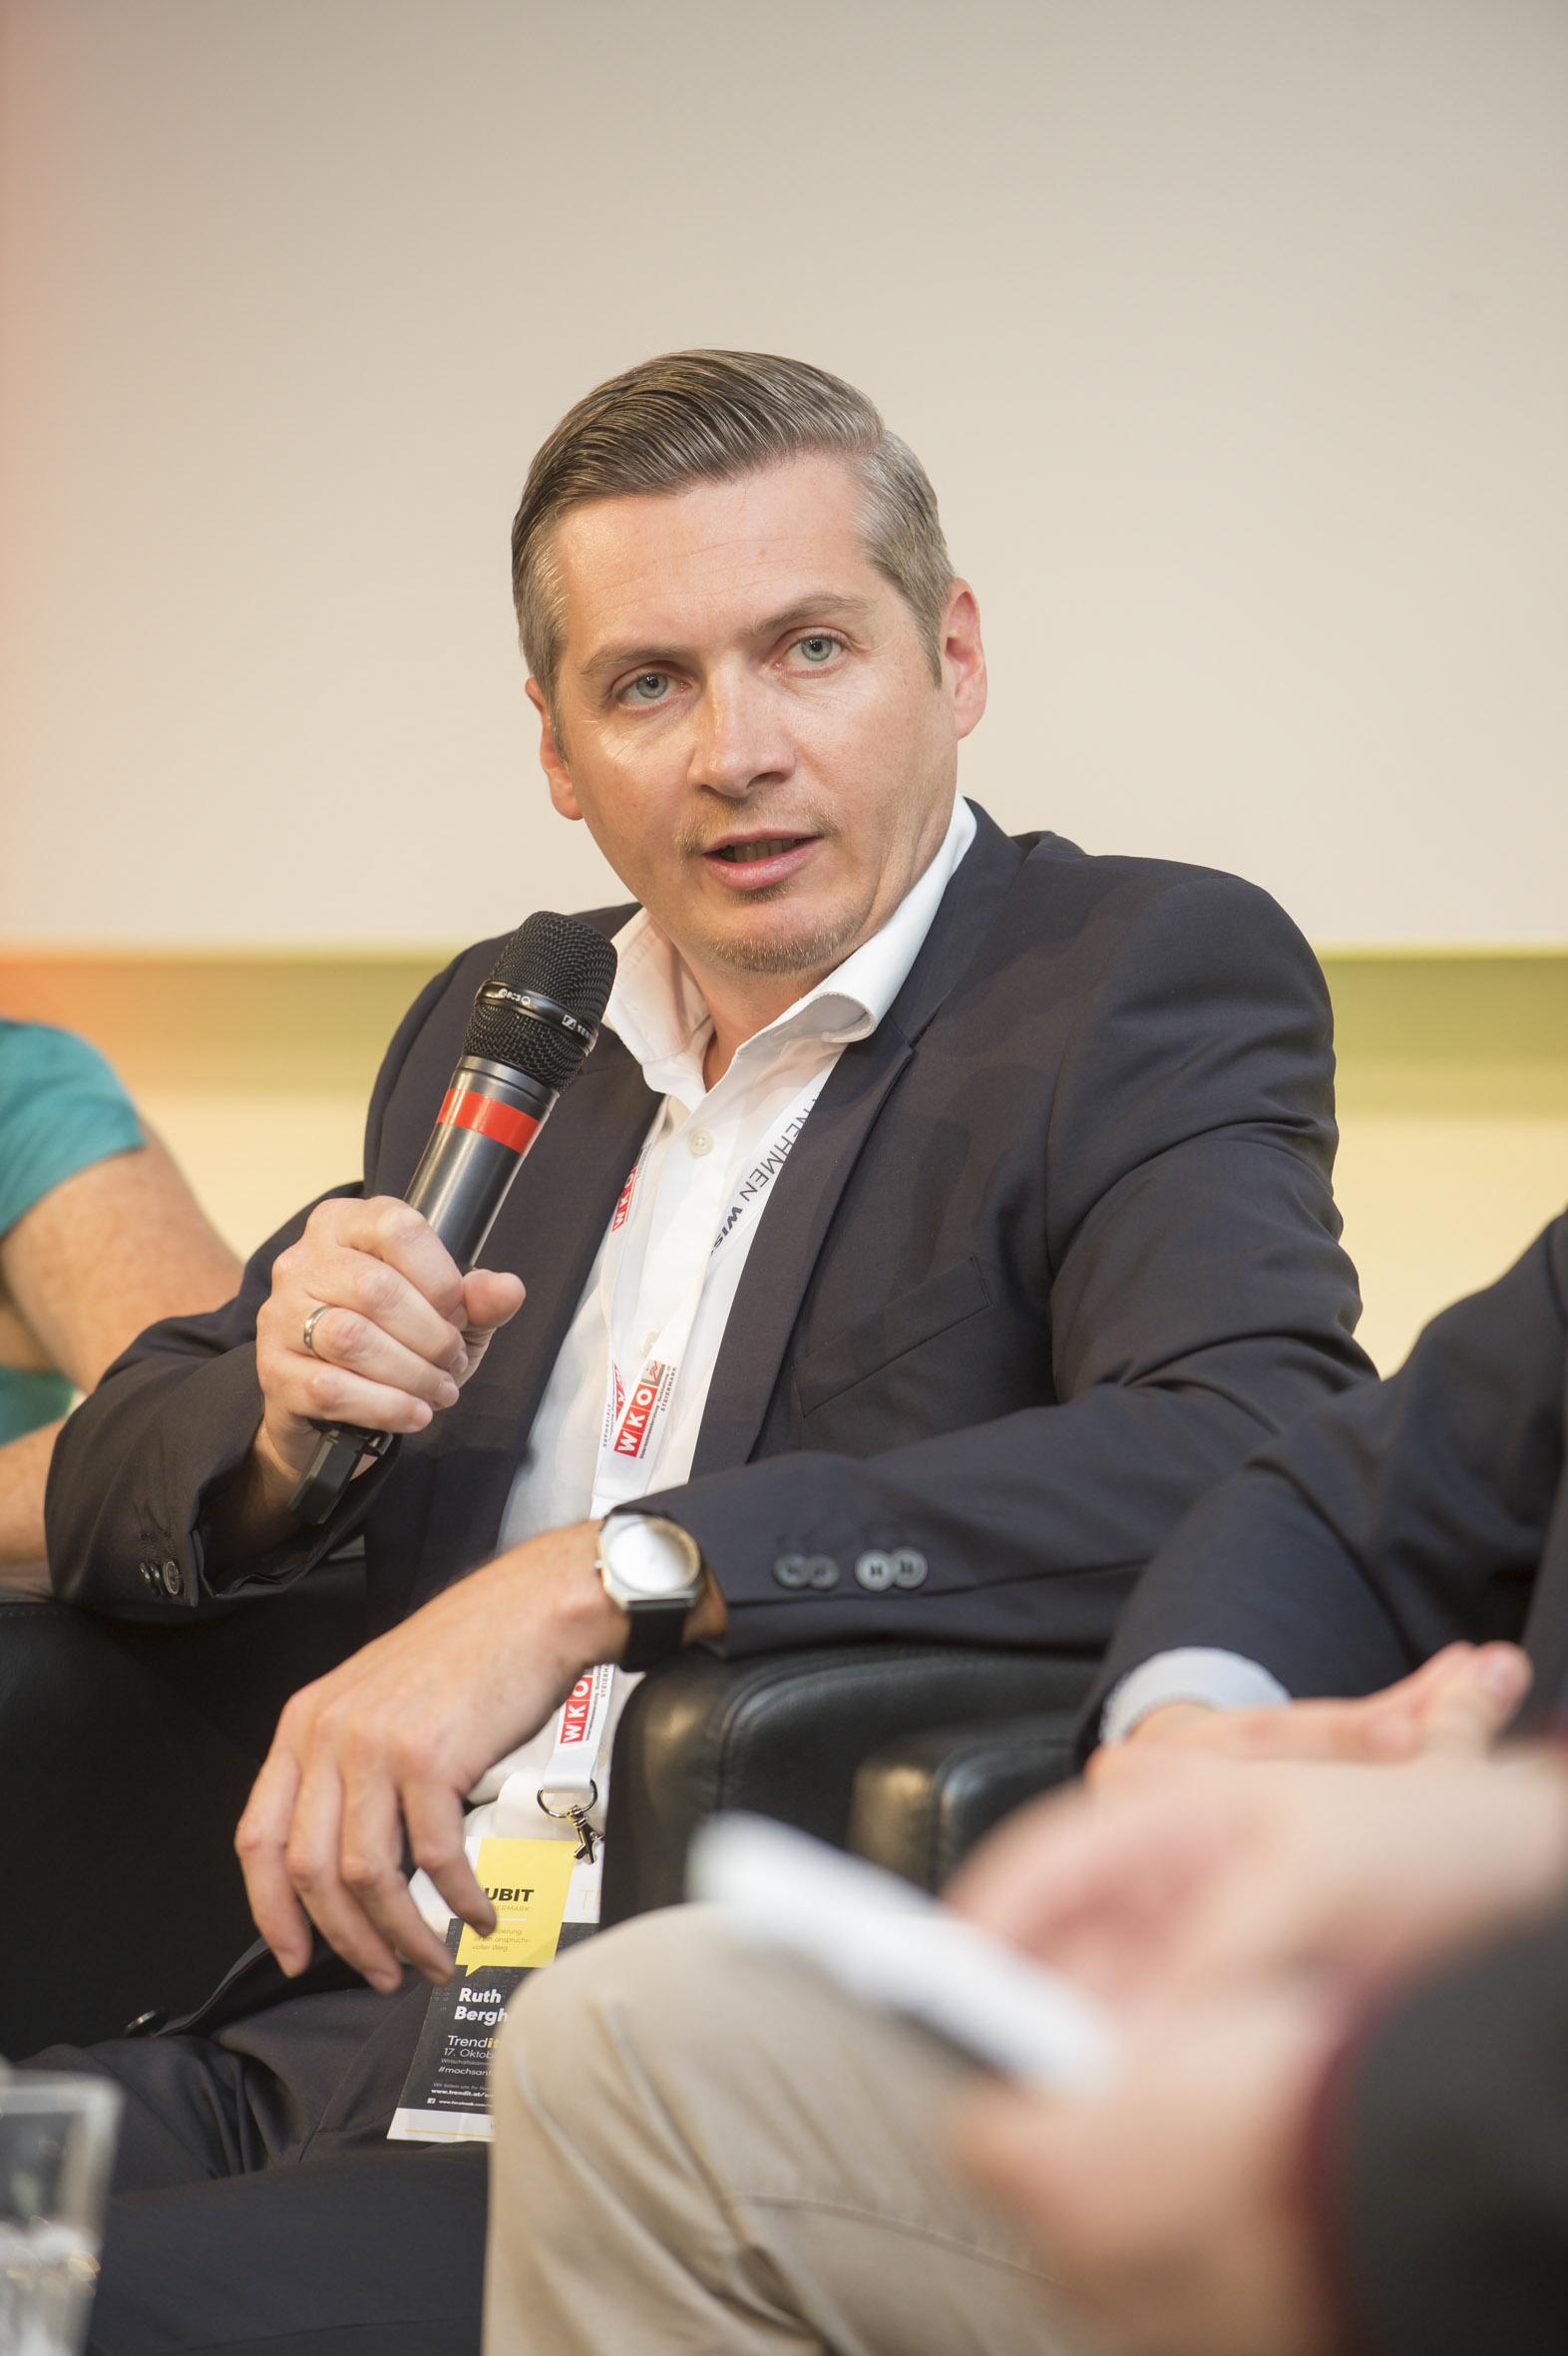 Clemens Maria Schreiner